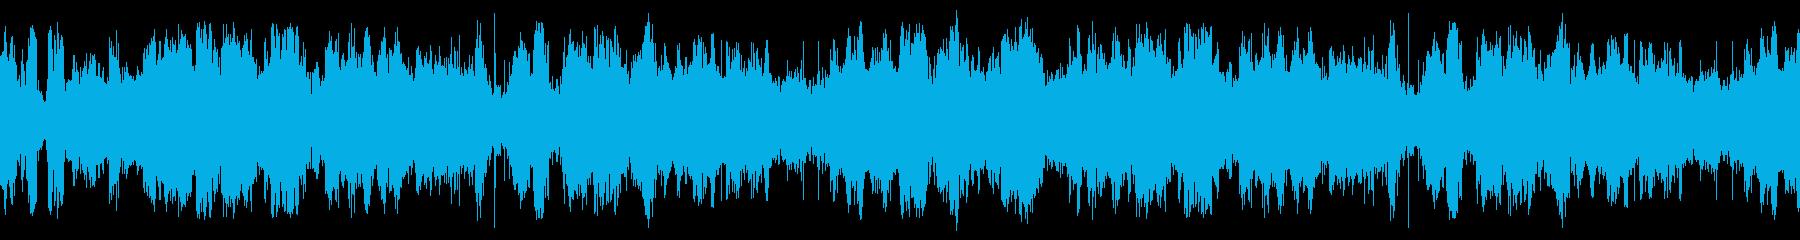 ガールズ、ブリティッシュ、ゴー・ク...の再生済みの波形